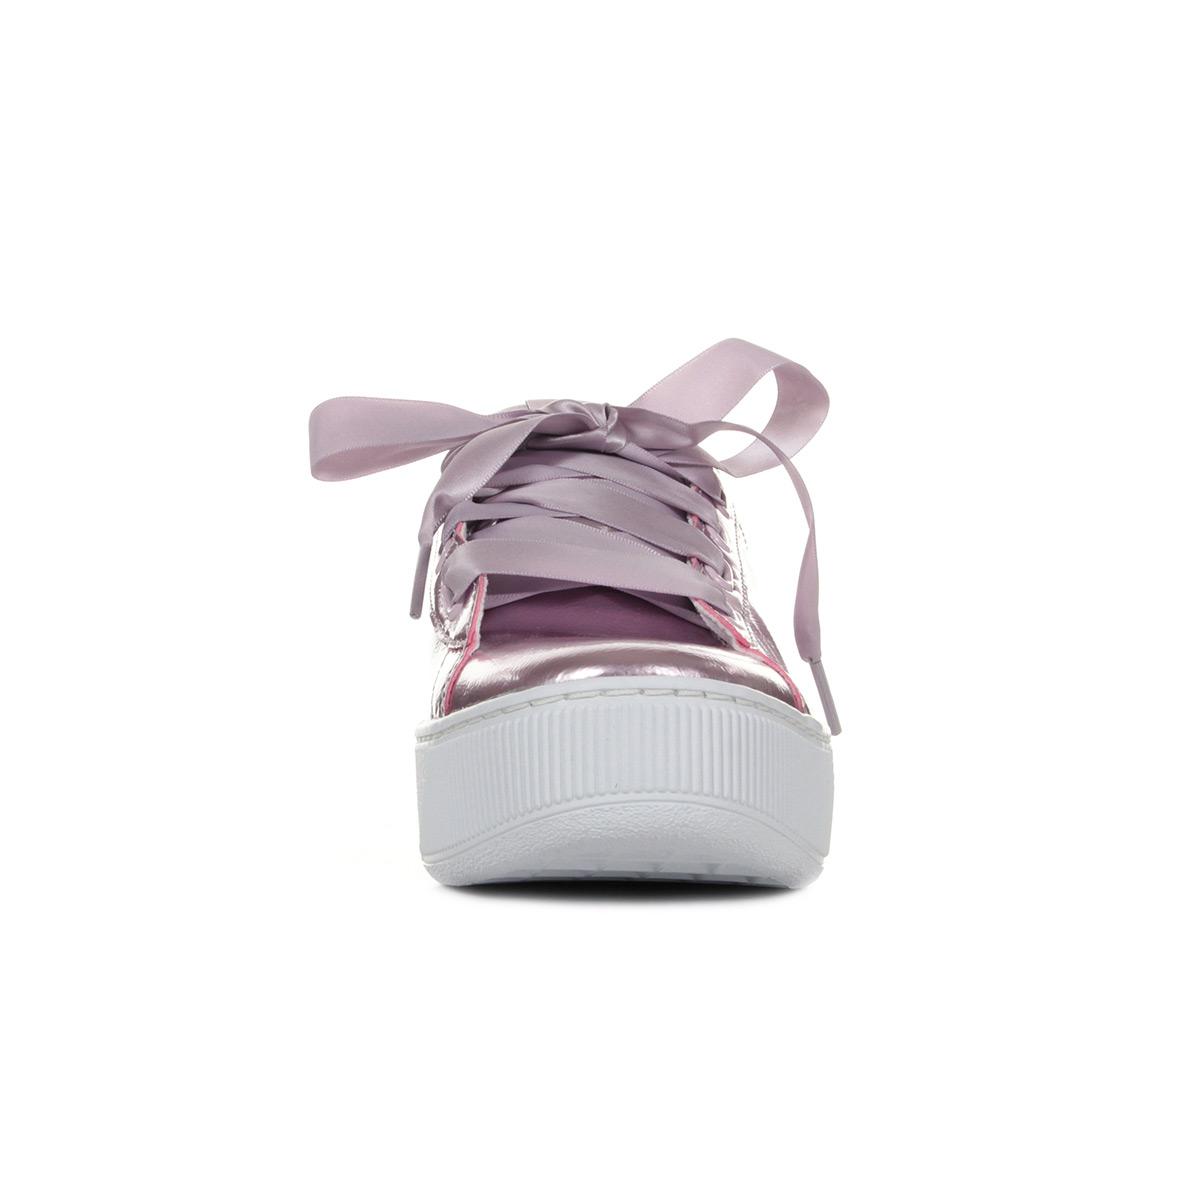 Détails sur Chaussures Baskets Puma femme Vikky Platform Ribbon P taille Violet Violette